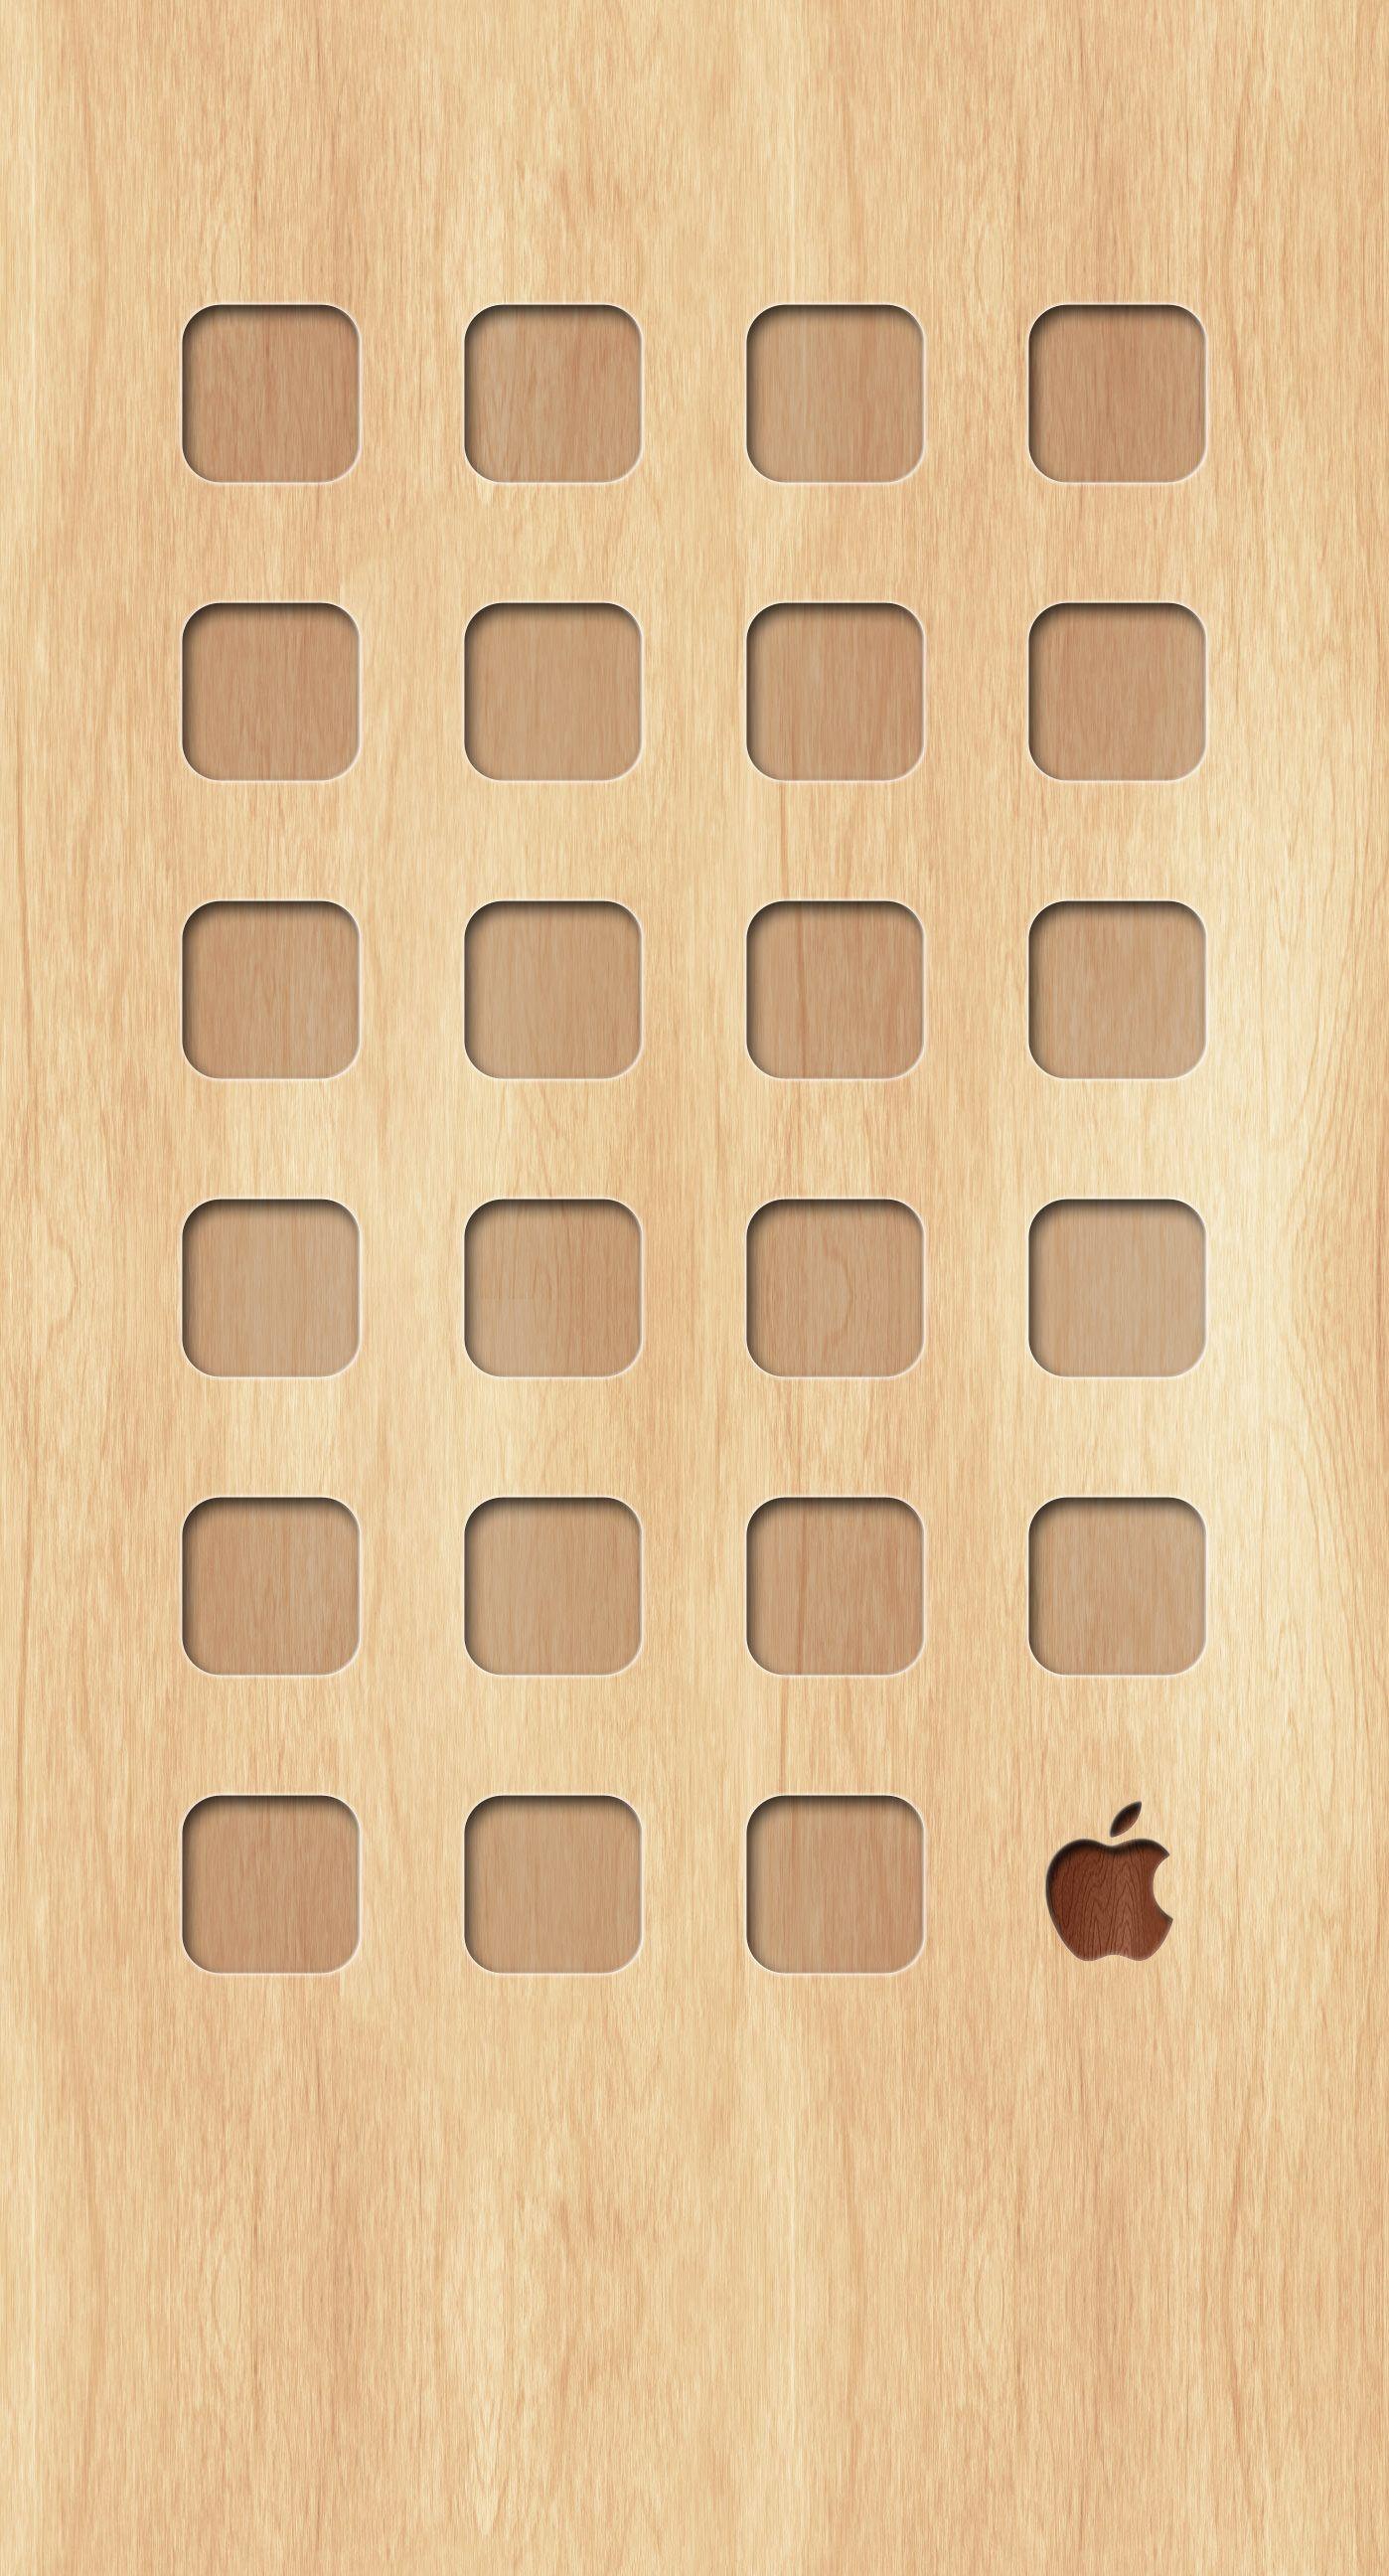 Iphone 6s Plus Iphone 6 Plus 壁紙 壁紙 本棚 6s 壁紙 壁紙